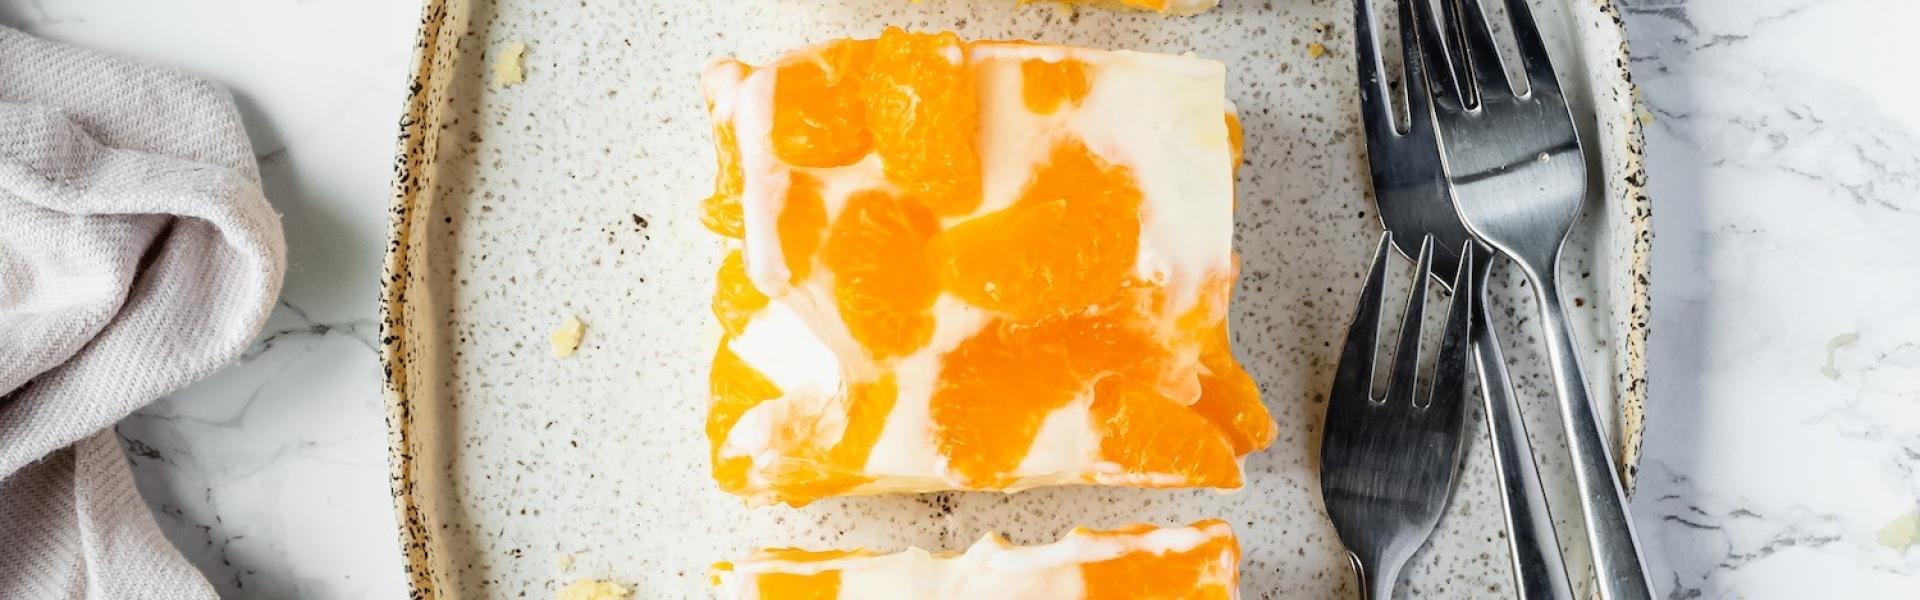 Drei Stücke Mandarinen-Joghurt-Kuchen auf einem Teller mit angelehnten Gabeln.